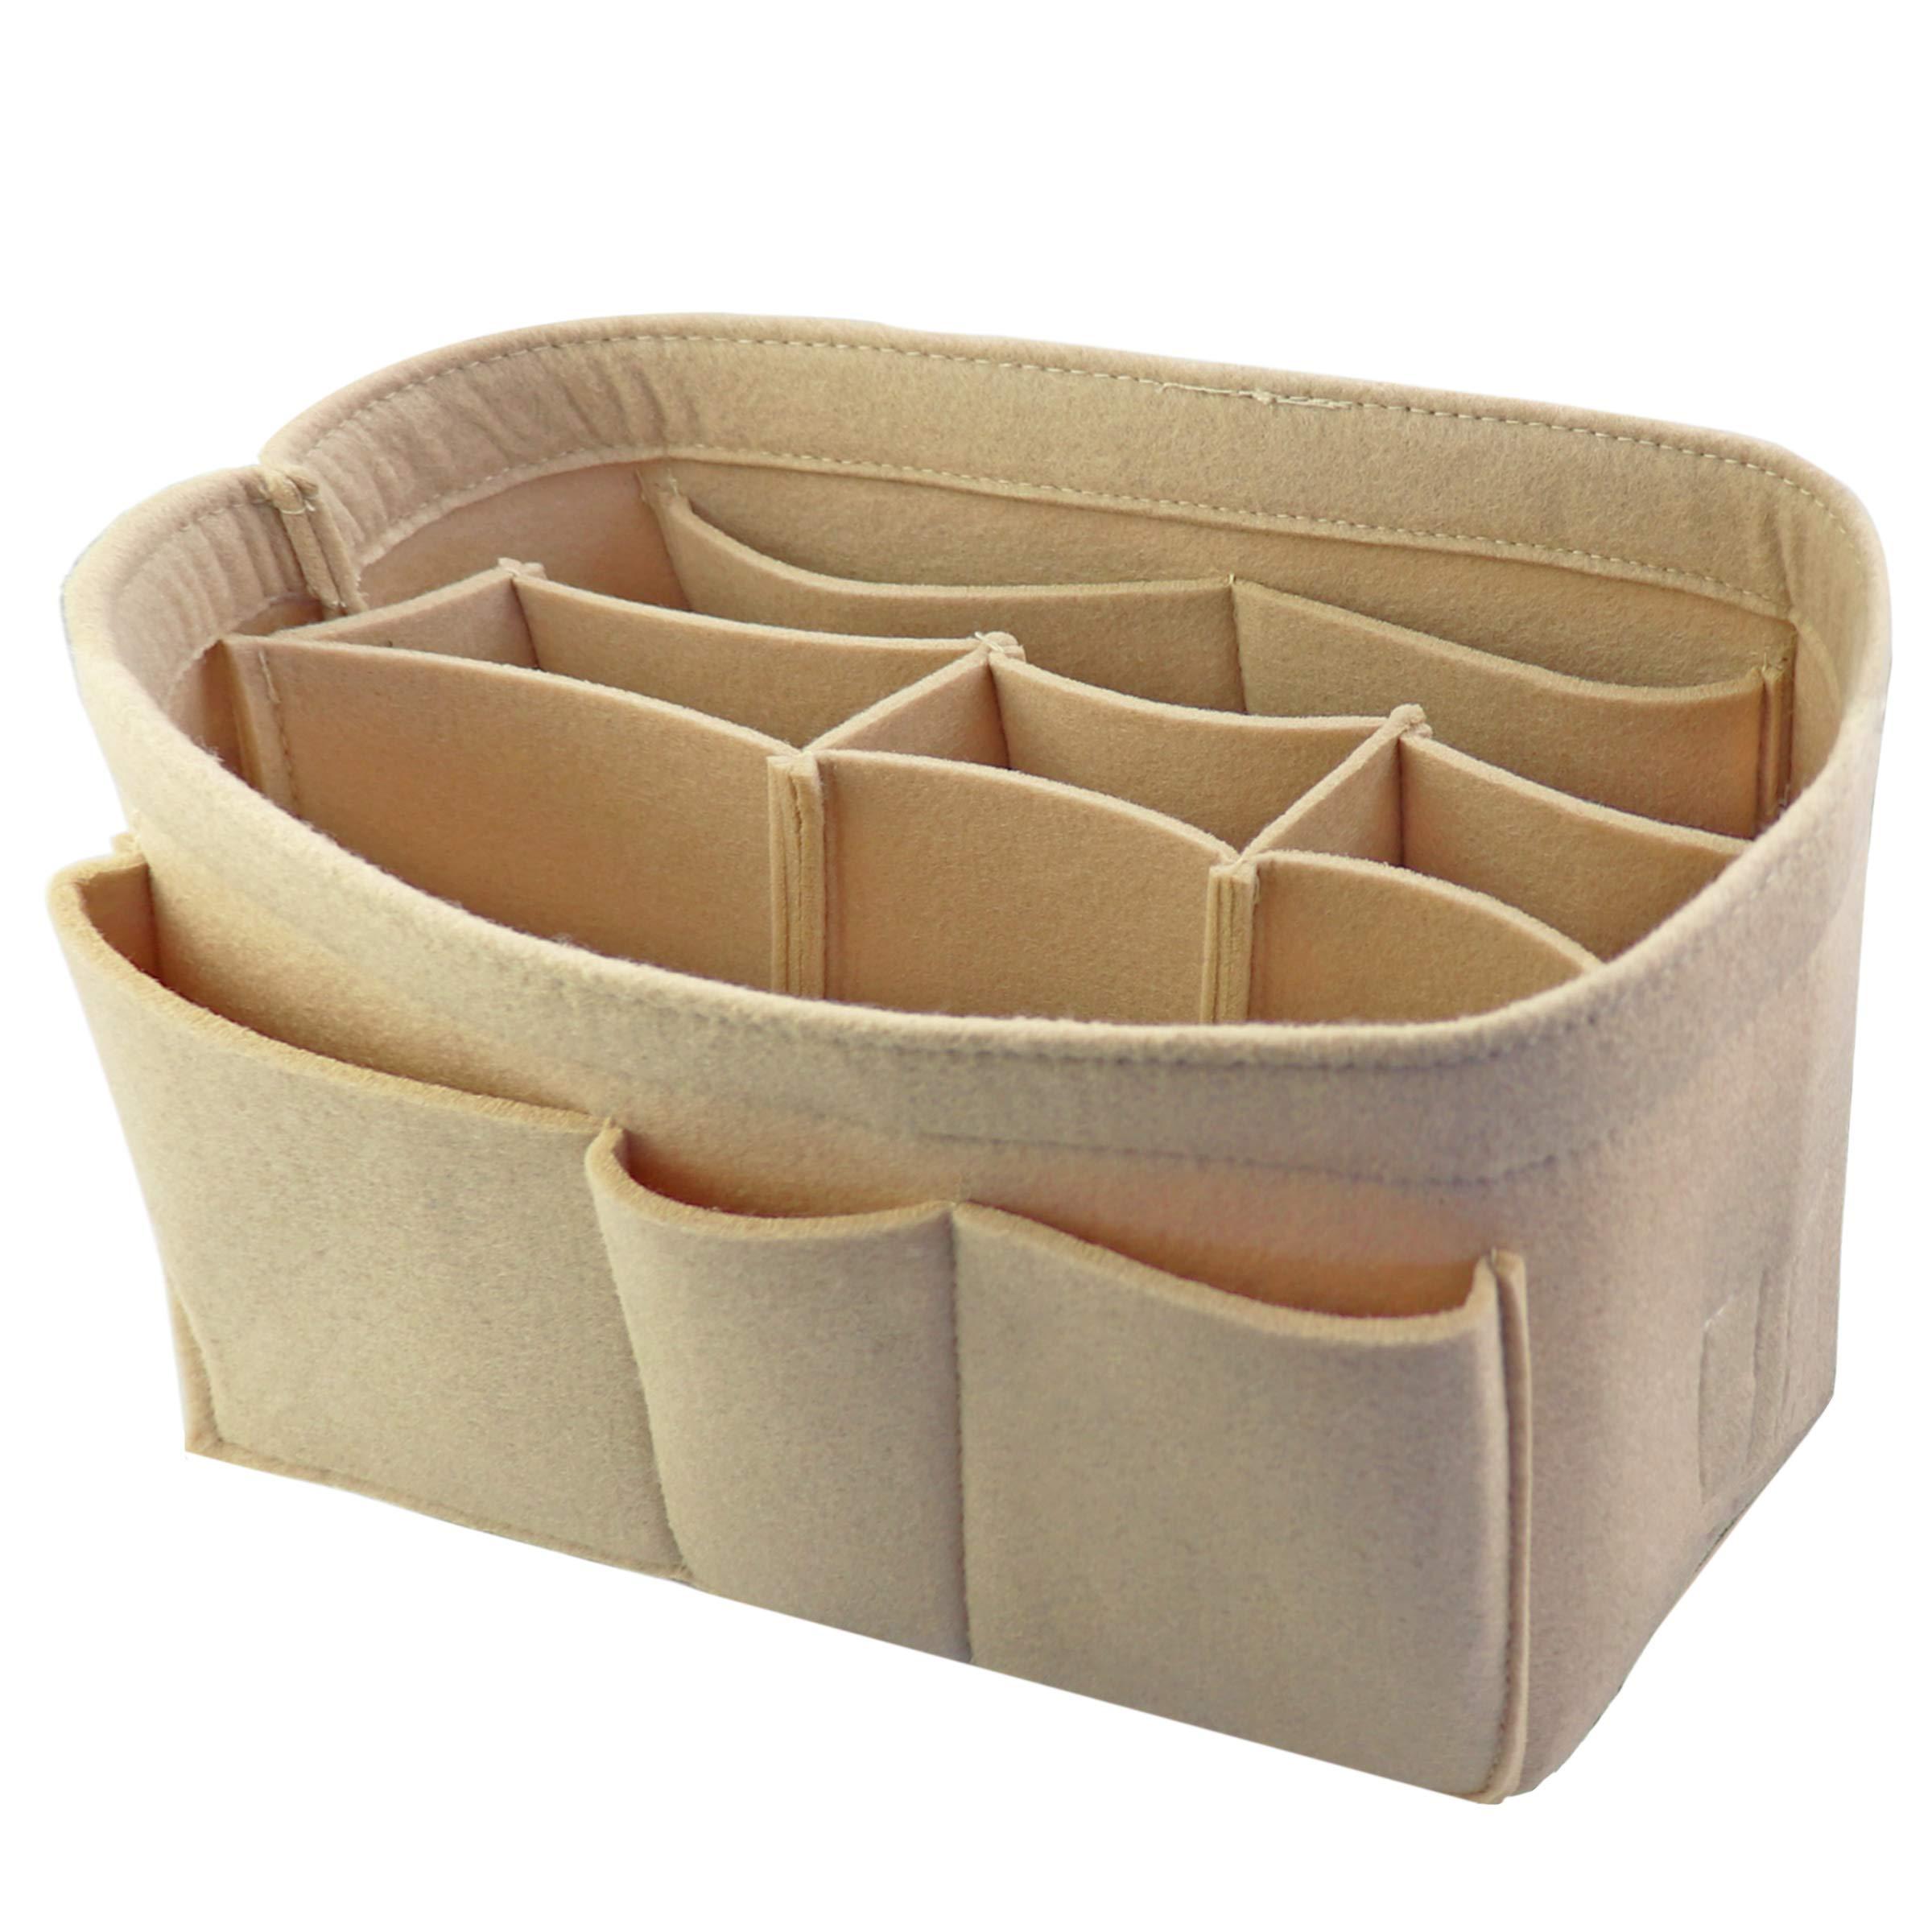 Felt Fabric Handbag Purse Insert Organizer Bag 10 Pockets Bag in Bag 3mm Felt (Medium, Beige)